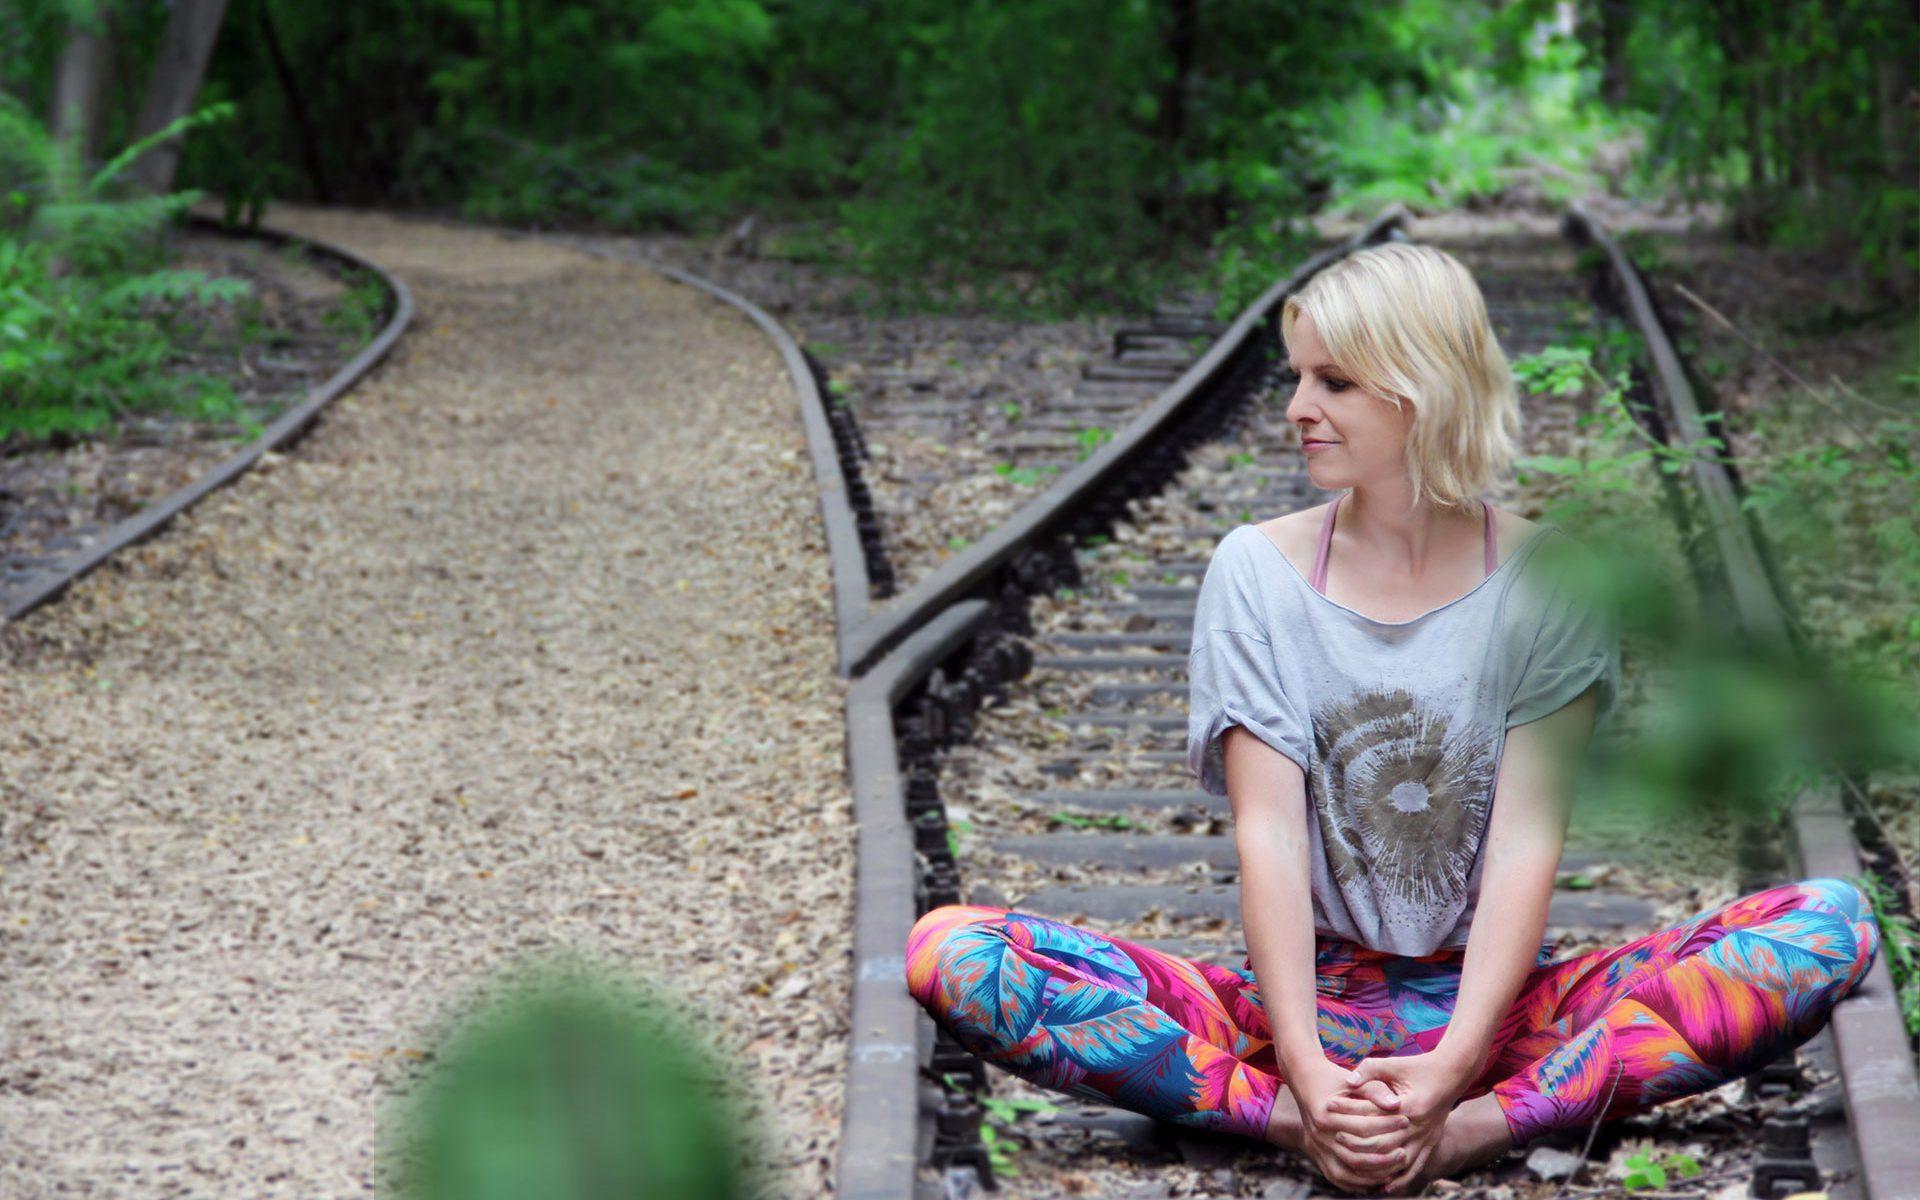 Yoga-Lehrerin Ulrike Pape im Yoga-Sitz